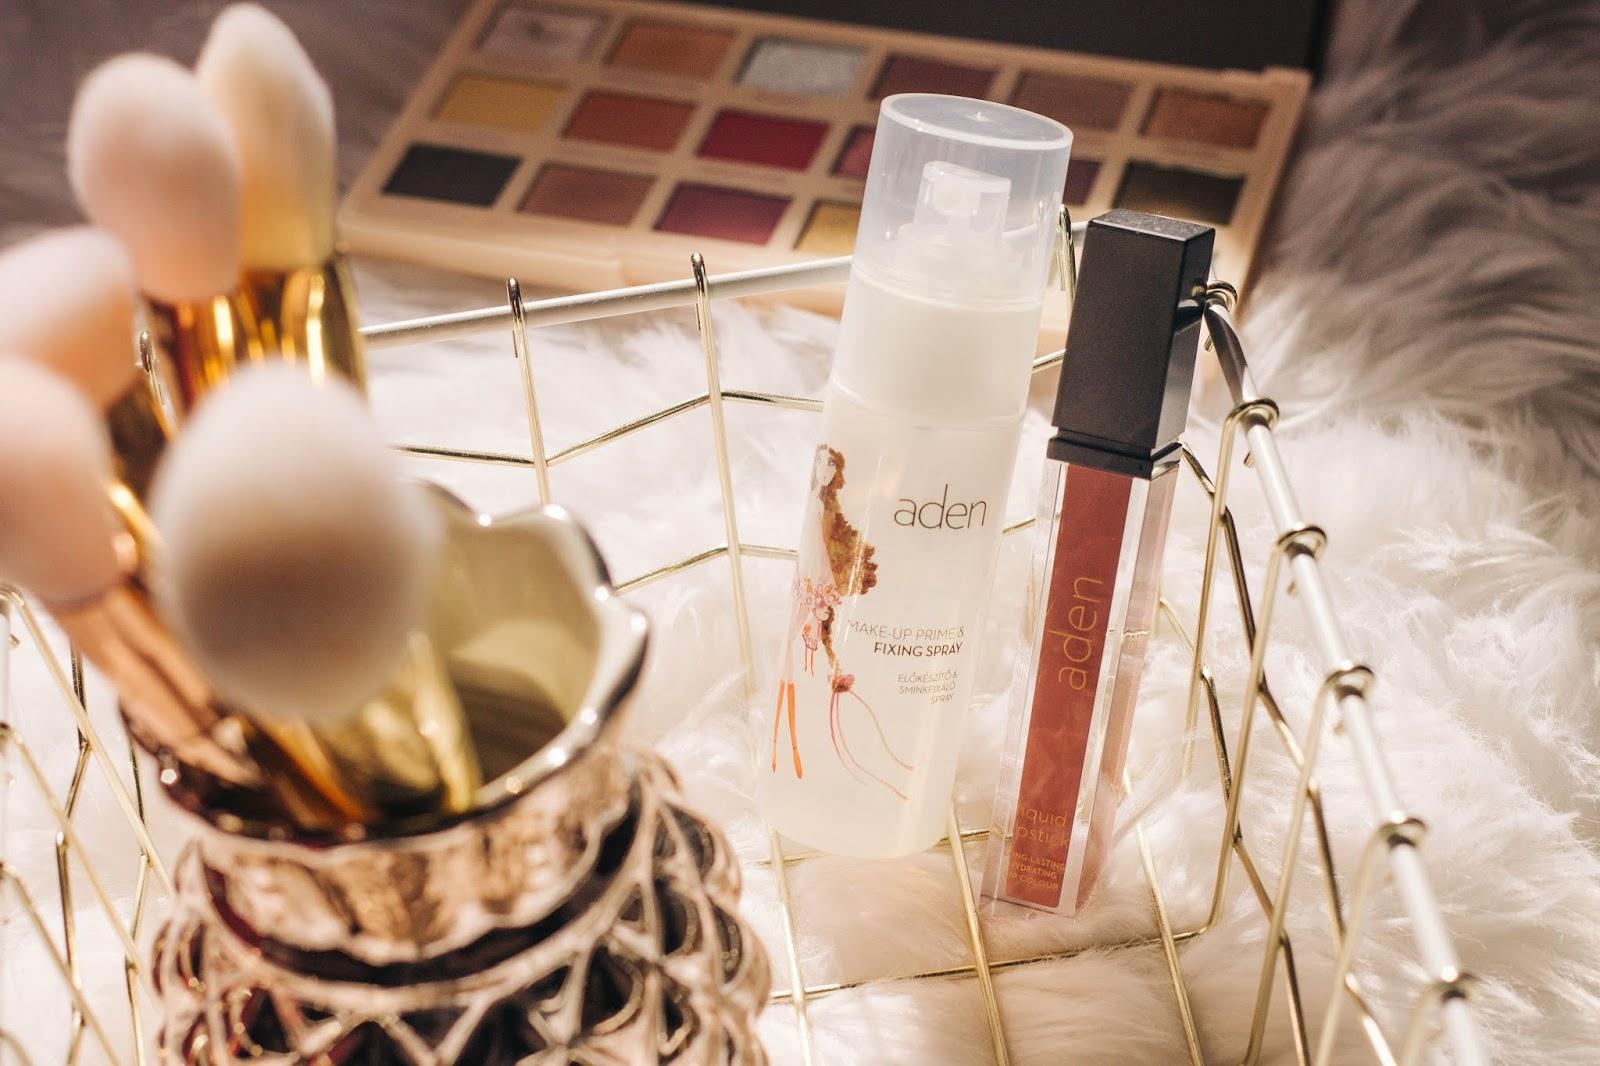 A Aden Cosmetics não é uma marca novidade no mercado, mas é novidade para mim. Na verdade, já a conhecia, mas só recentemente tive oportunidade de experimentar dois produtos. O batom foi-me oferecido pela minha amiga Rute (que tem um blog/canal, espreitem!) e o primer/fixador em spray foi-me enviado pela marca. A Aden Cosmetics é uma empresa do Reino Unido e está presente em Portugal (com sede em Leiria, na KN Concept, e vários pontos de venda espalhados pelo país). Os produtos são produzidos em Itália e Alemanha, e não são testados em animais.    A Aden é cruelty-free.